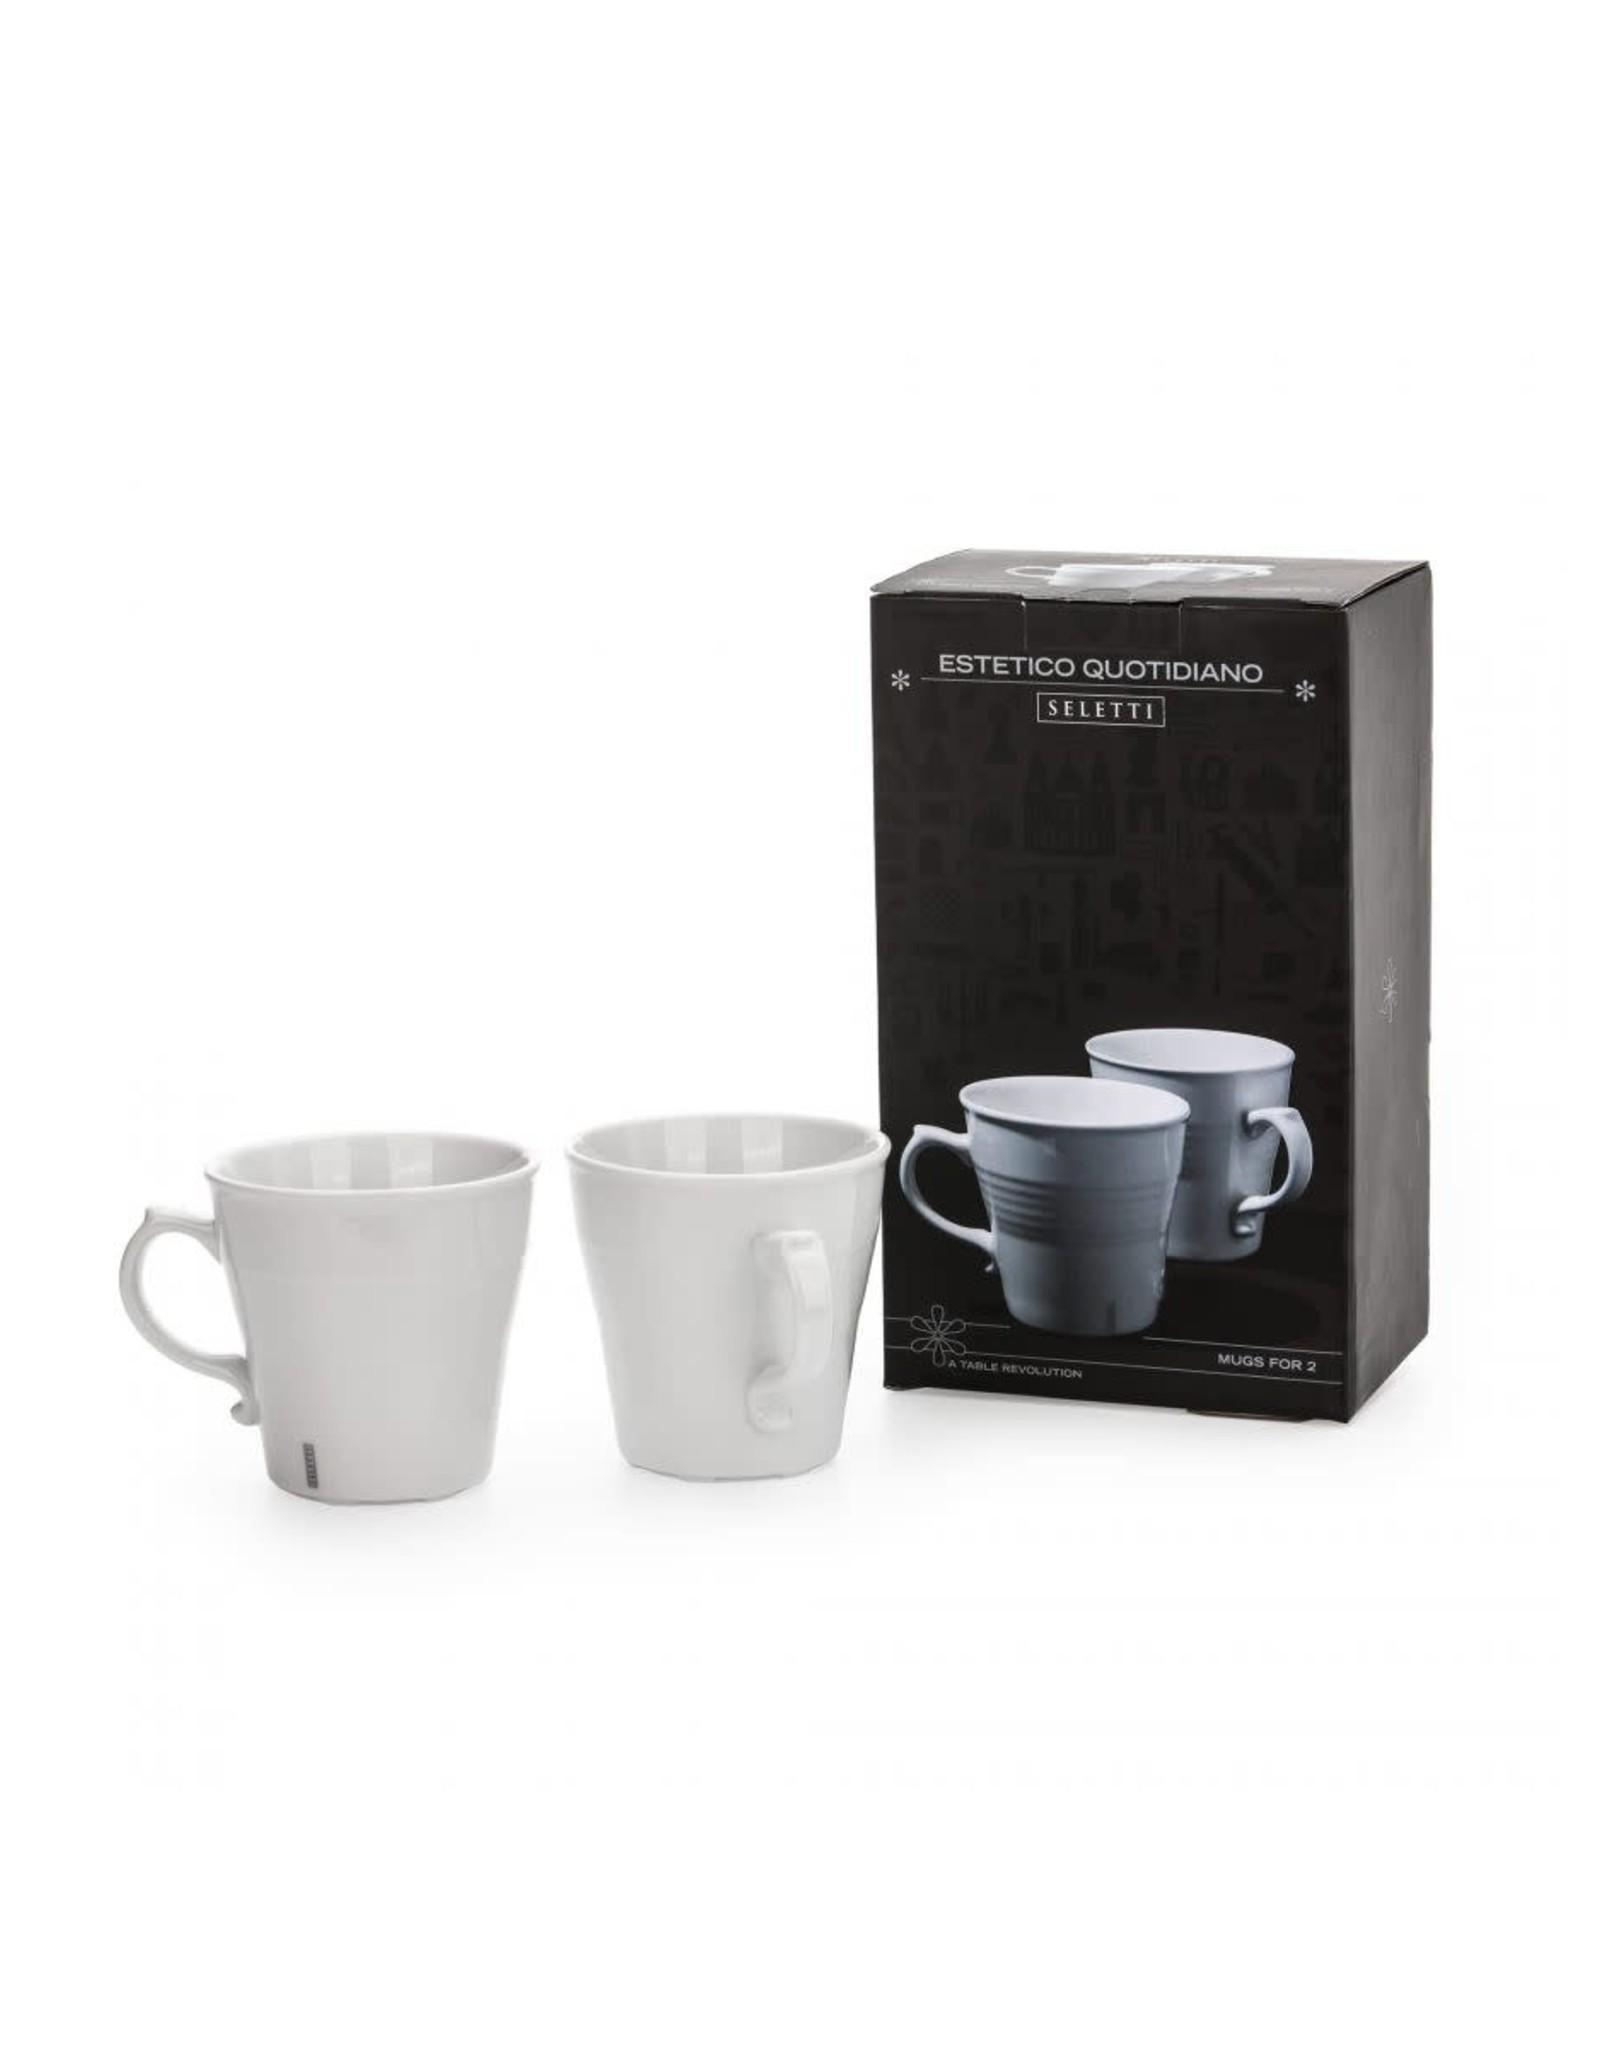 Seletti Estetico Quotidiano Set of 2 Mugs